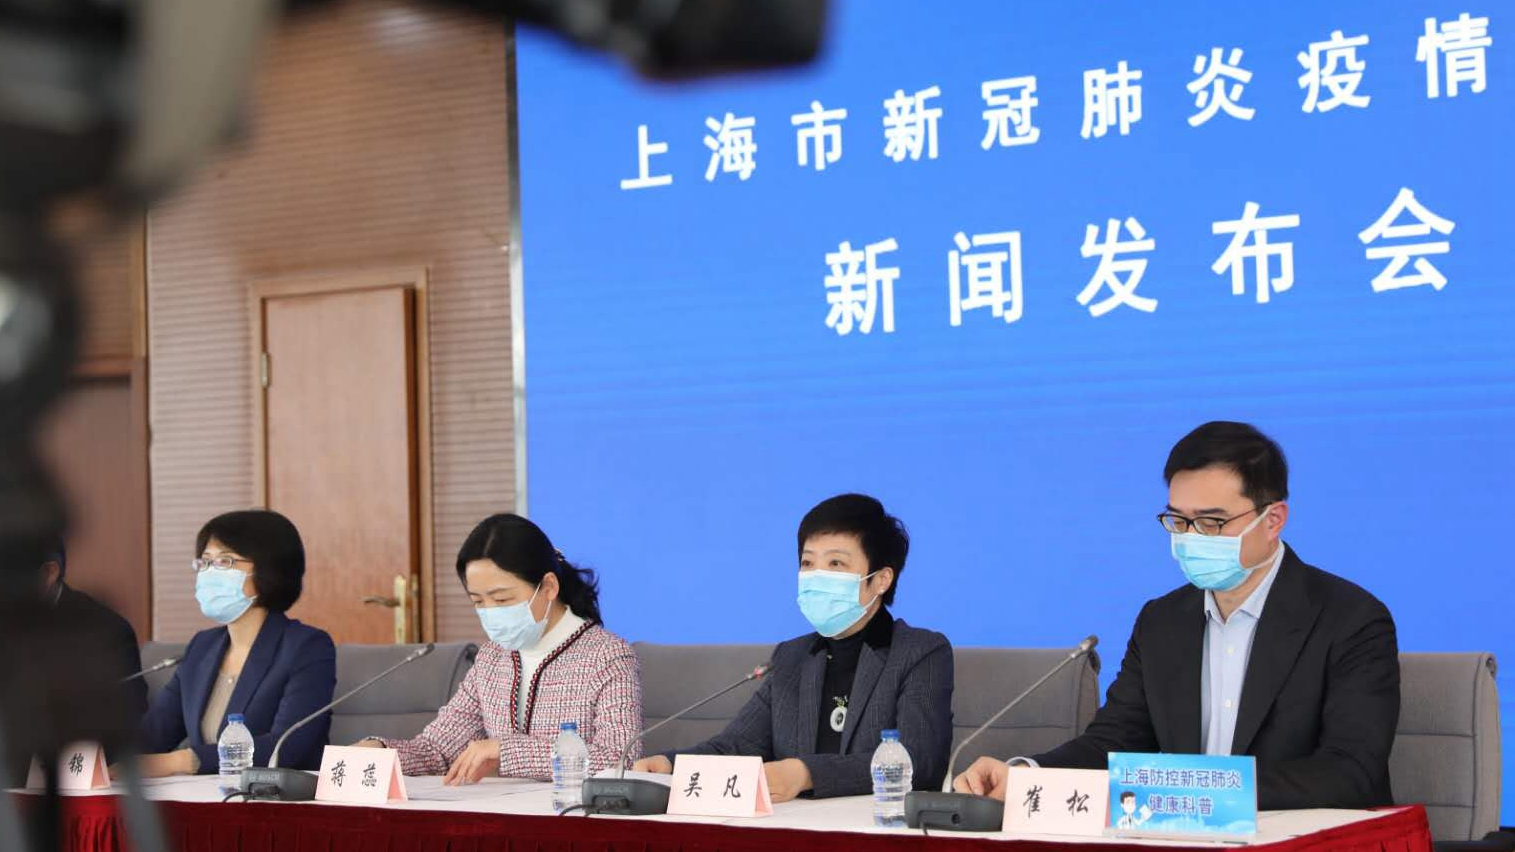 闻玉梅、张文宏、吴凡等上海12名医学专家发布《疫情防控健康科普上海专家共识》| 疫情防控发布会